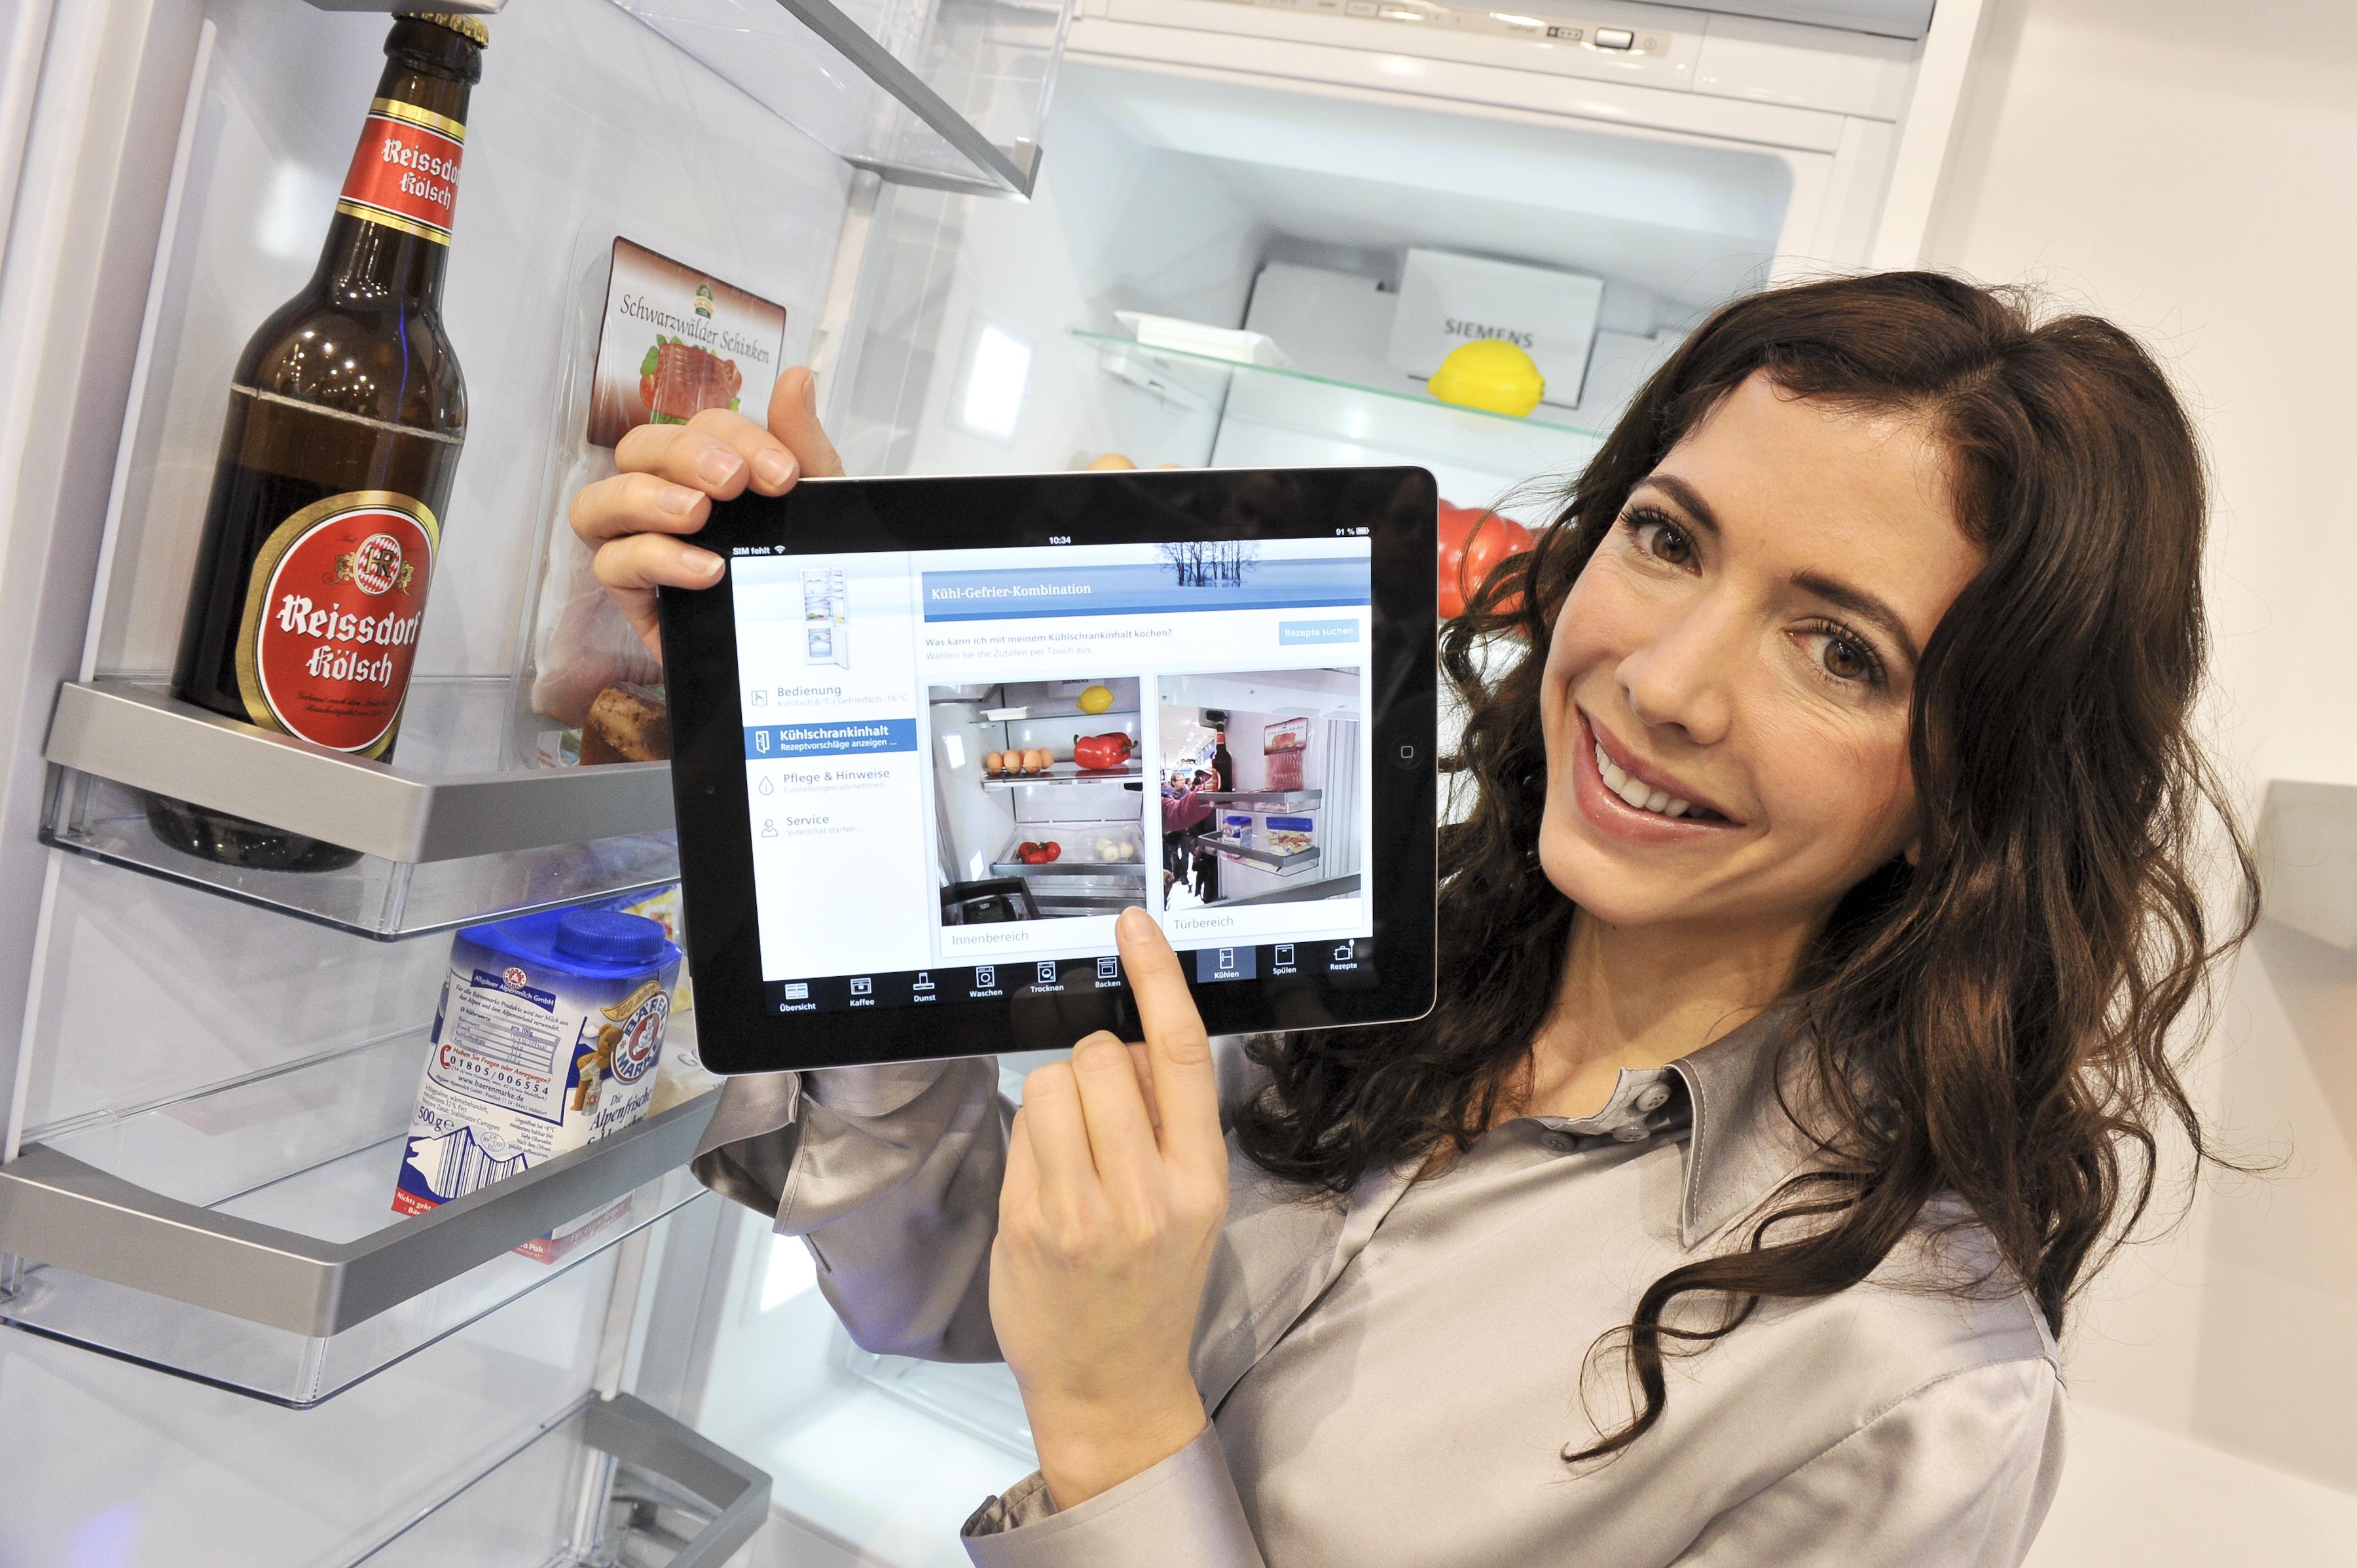 Einen Kühlschrank mit integrierter Kamera hat Siemens entwickelt. Sie ist mit dem Tablet-PC verbunden, der gleich ein Rezept zum Kühlschrankinhalt parat hat. Foto: Living Kitchen 2013